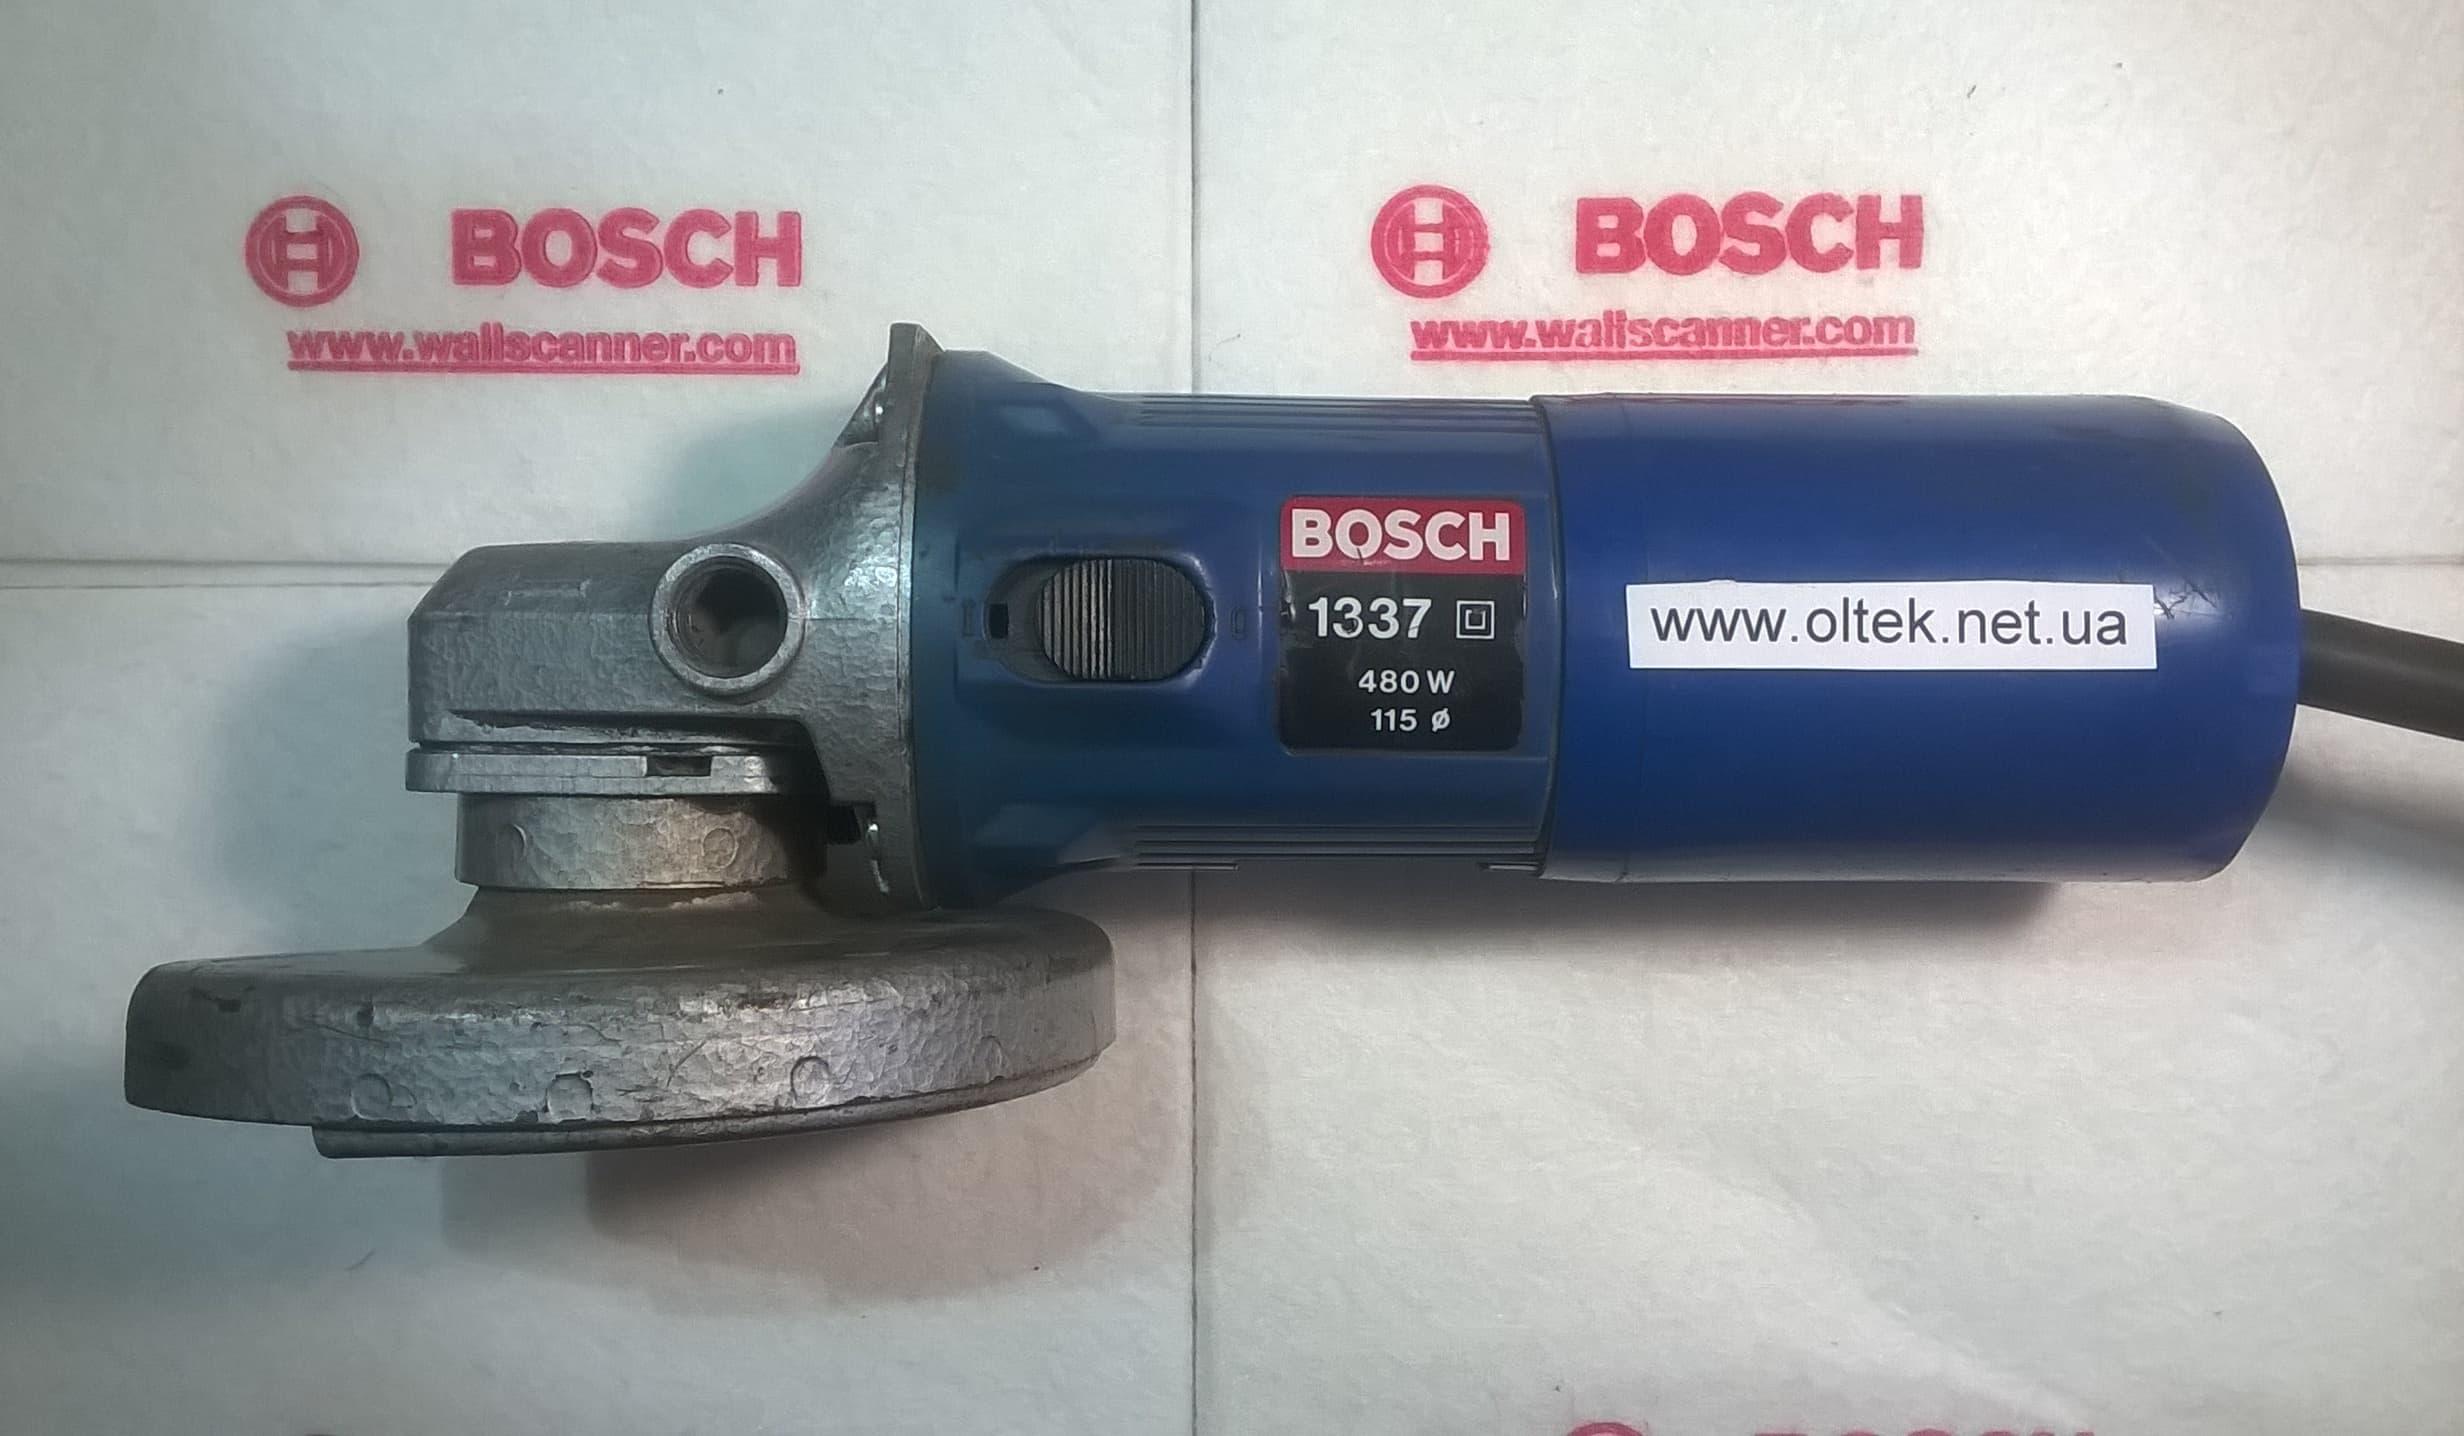 Bosch-1337